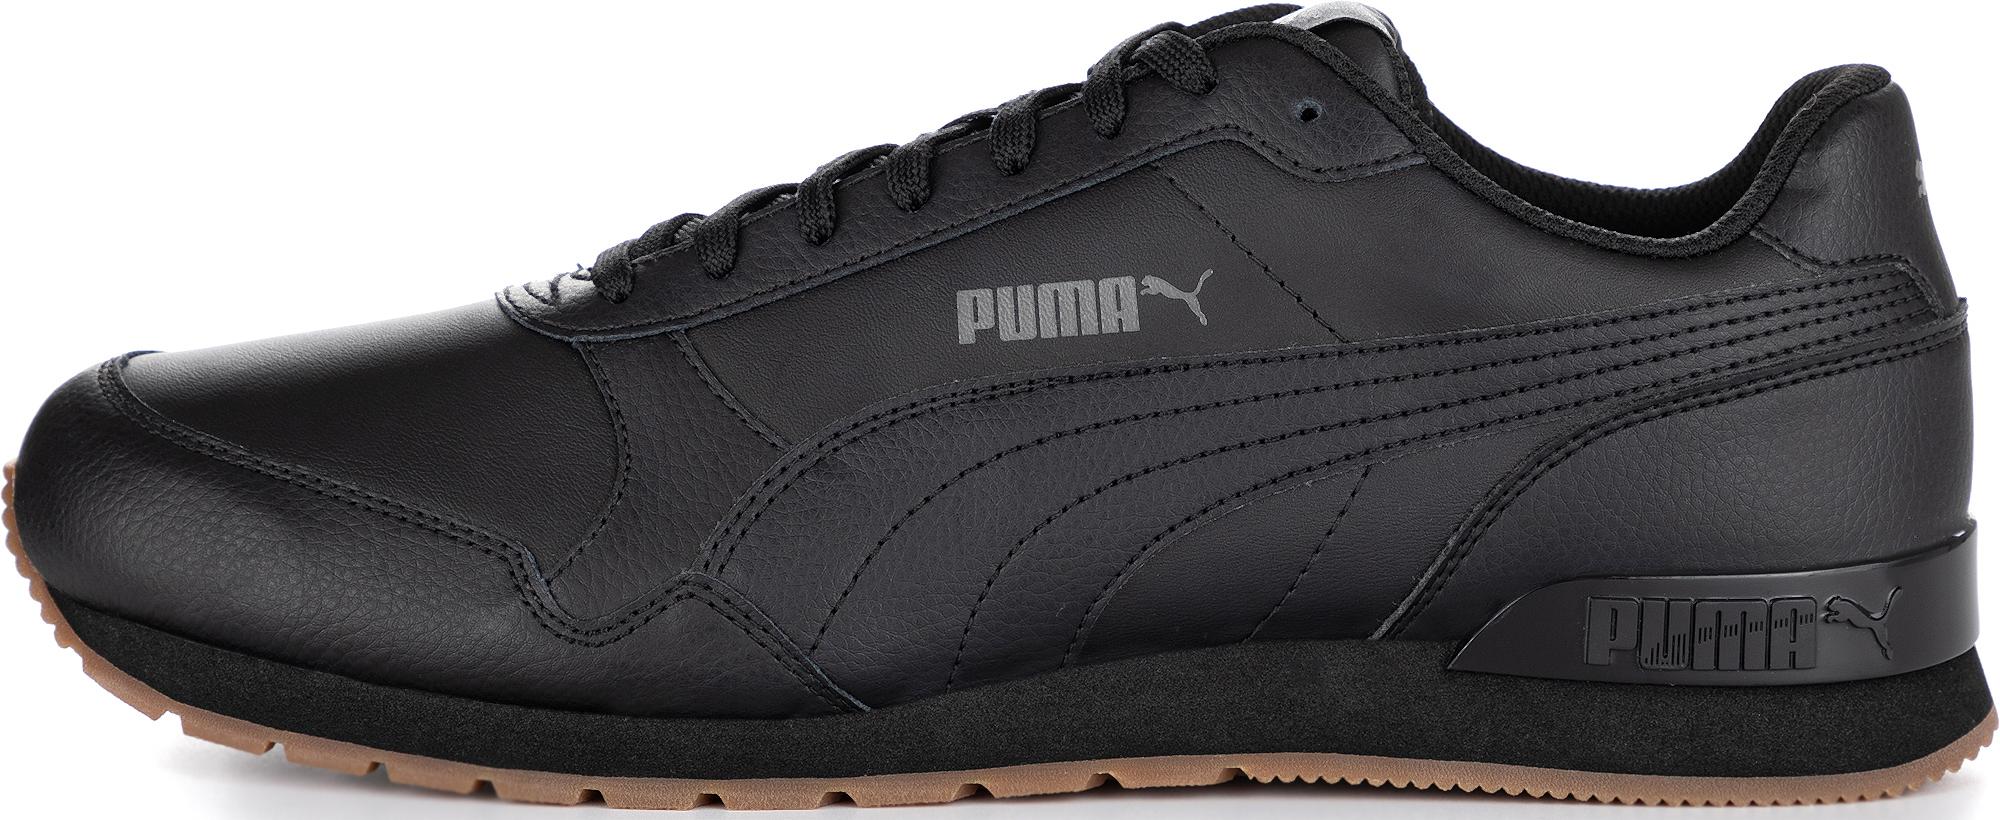 Фото - Puma Кроссовки женские Puma ST Runner v2 Full, размер 35 кроссовки мужские puma st runner